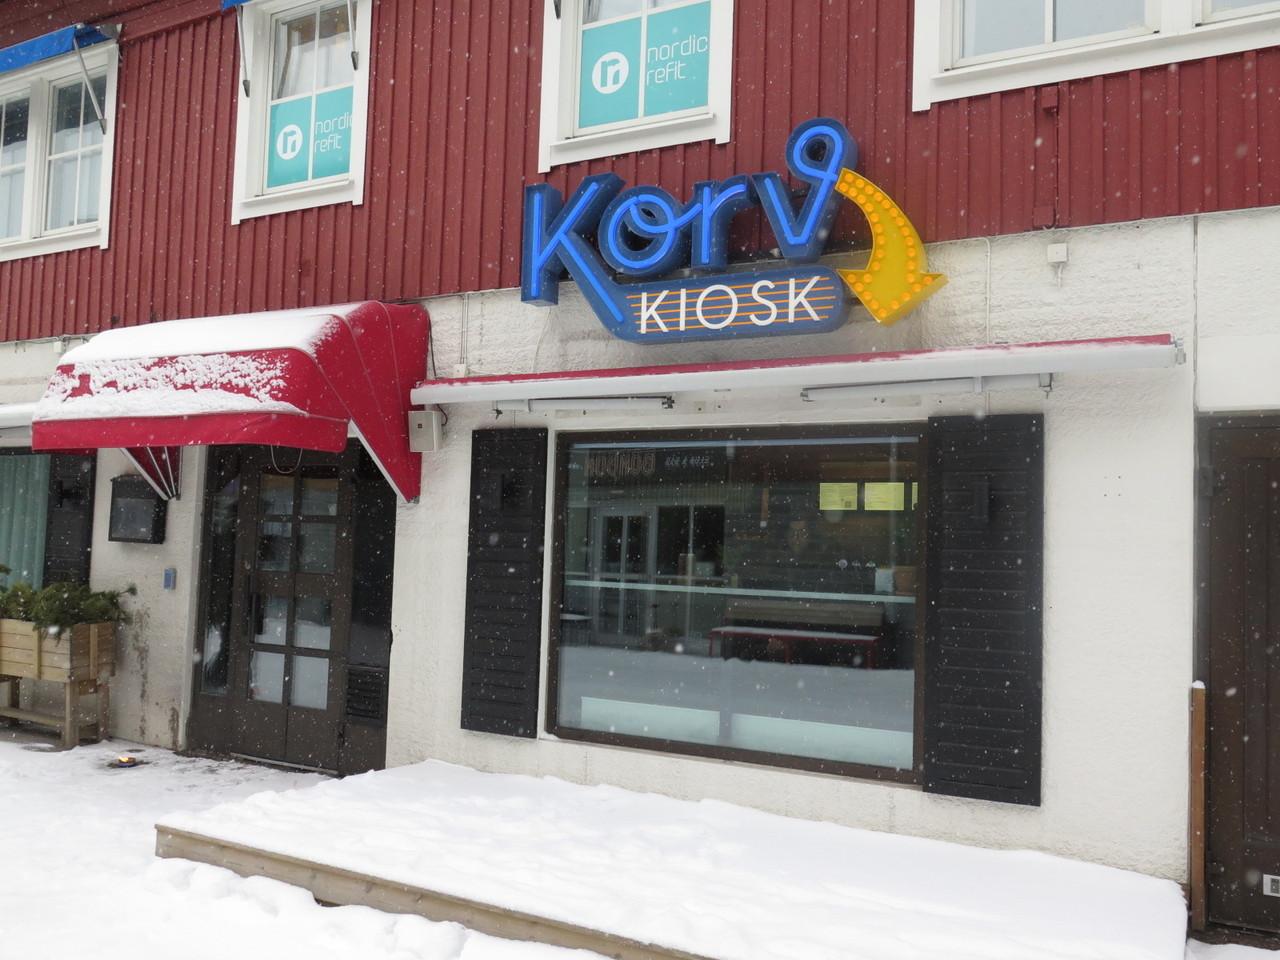 O KORVKIOSK de Magnus Nilsson na estância de ski de Åre